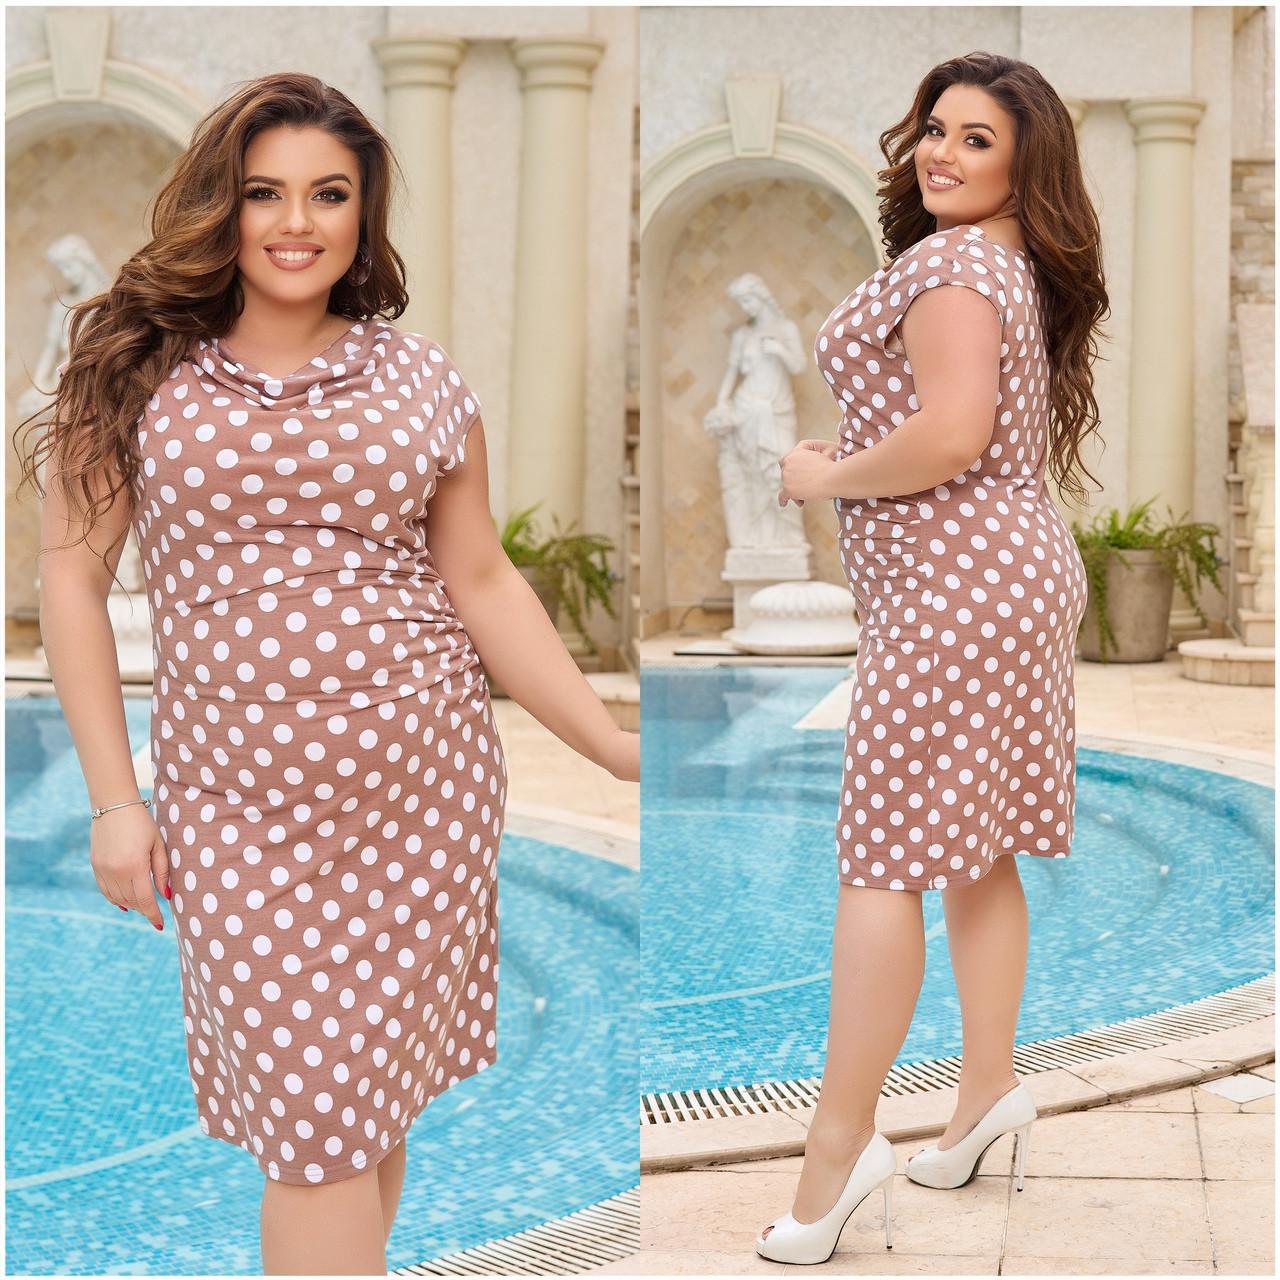 Жіночий легке повсякденне плаття сарафан з віскози принт горох квіти розміри більші від 48 до 64